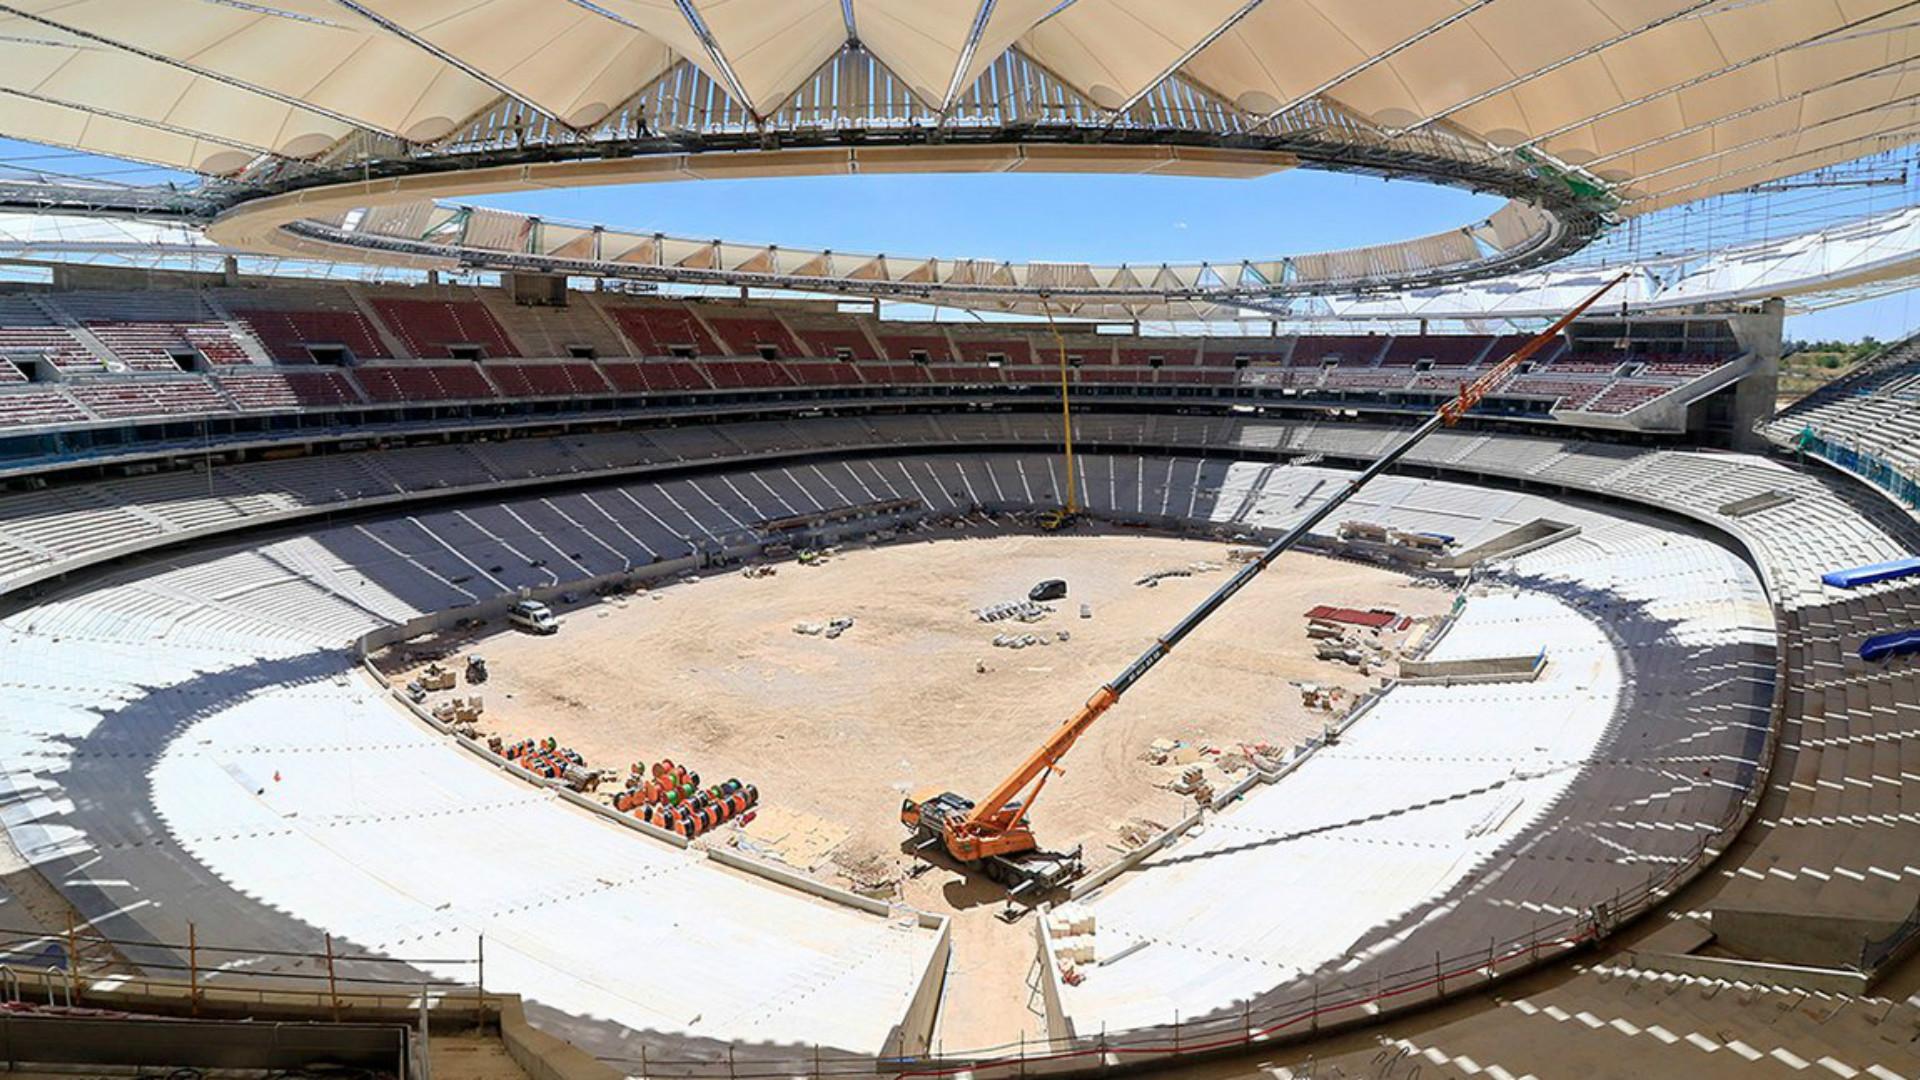 Susto del Atleti: hallan una bomba en el Wanda Metropolitano